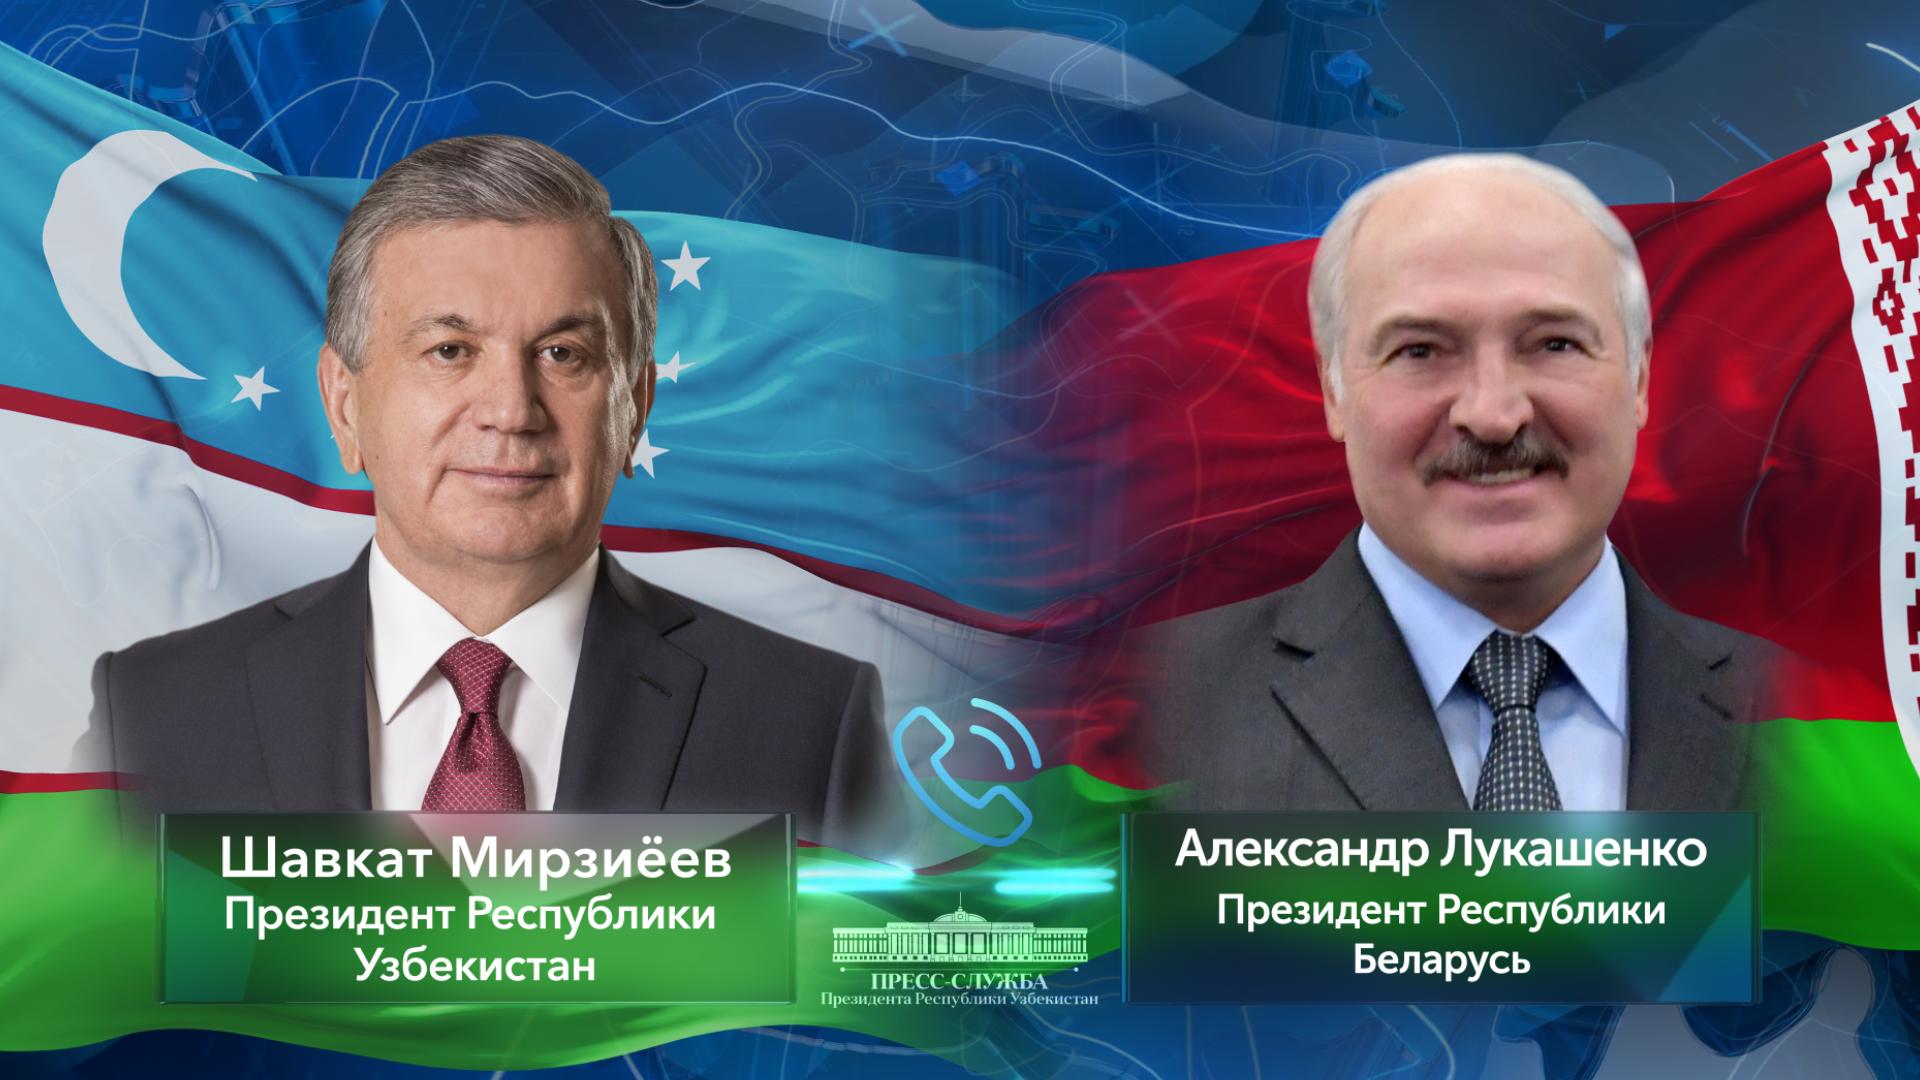 Лидеры Узбекистана и Беларуси обменялись поздравлениями с наступающим праздником — 75-летием Победы над фашизмом